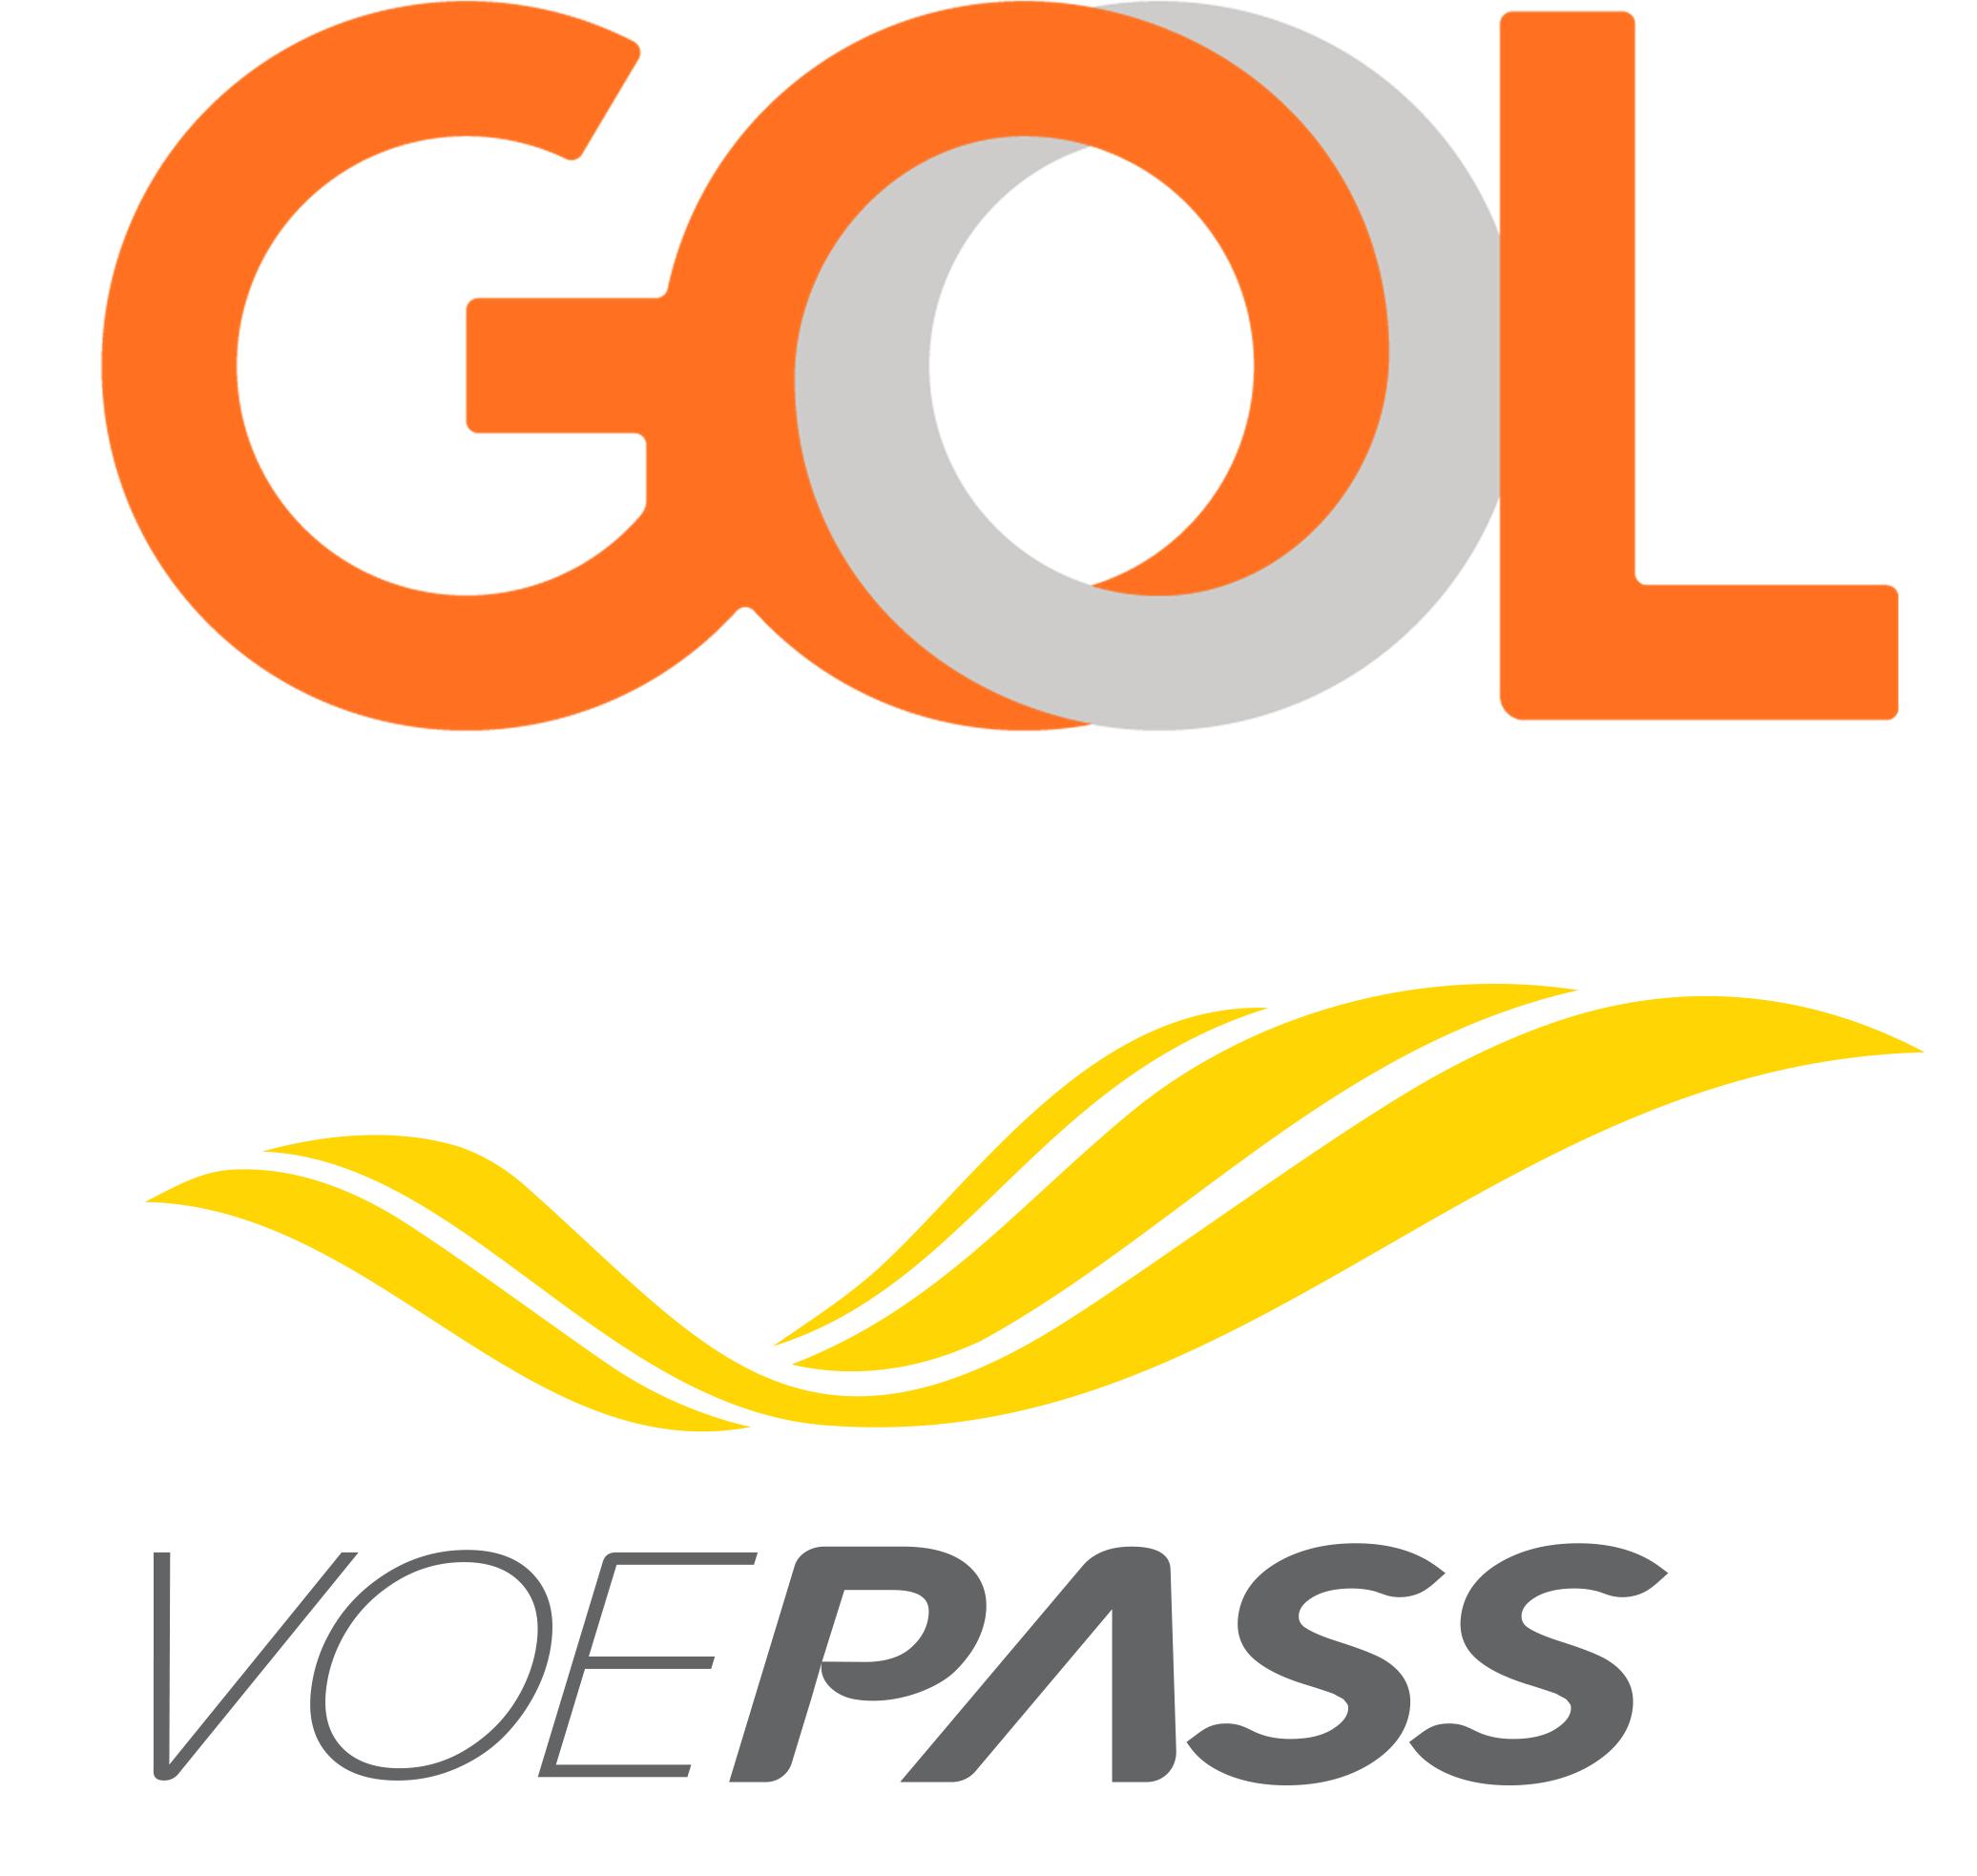 GOL-VoePass_Isologotype